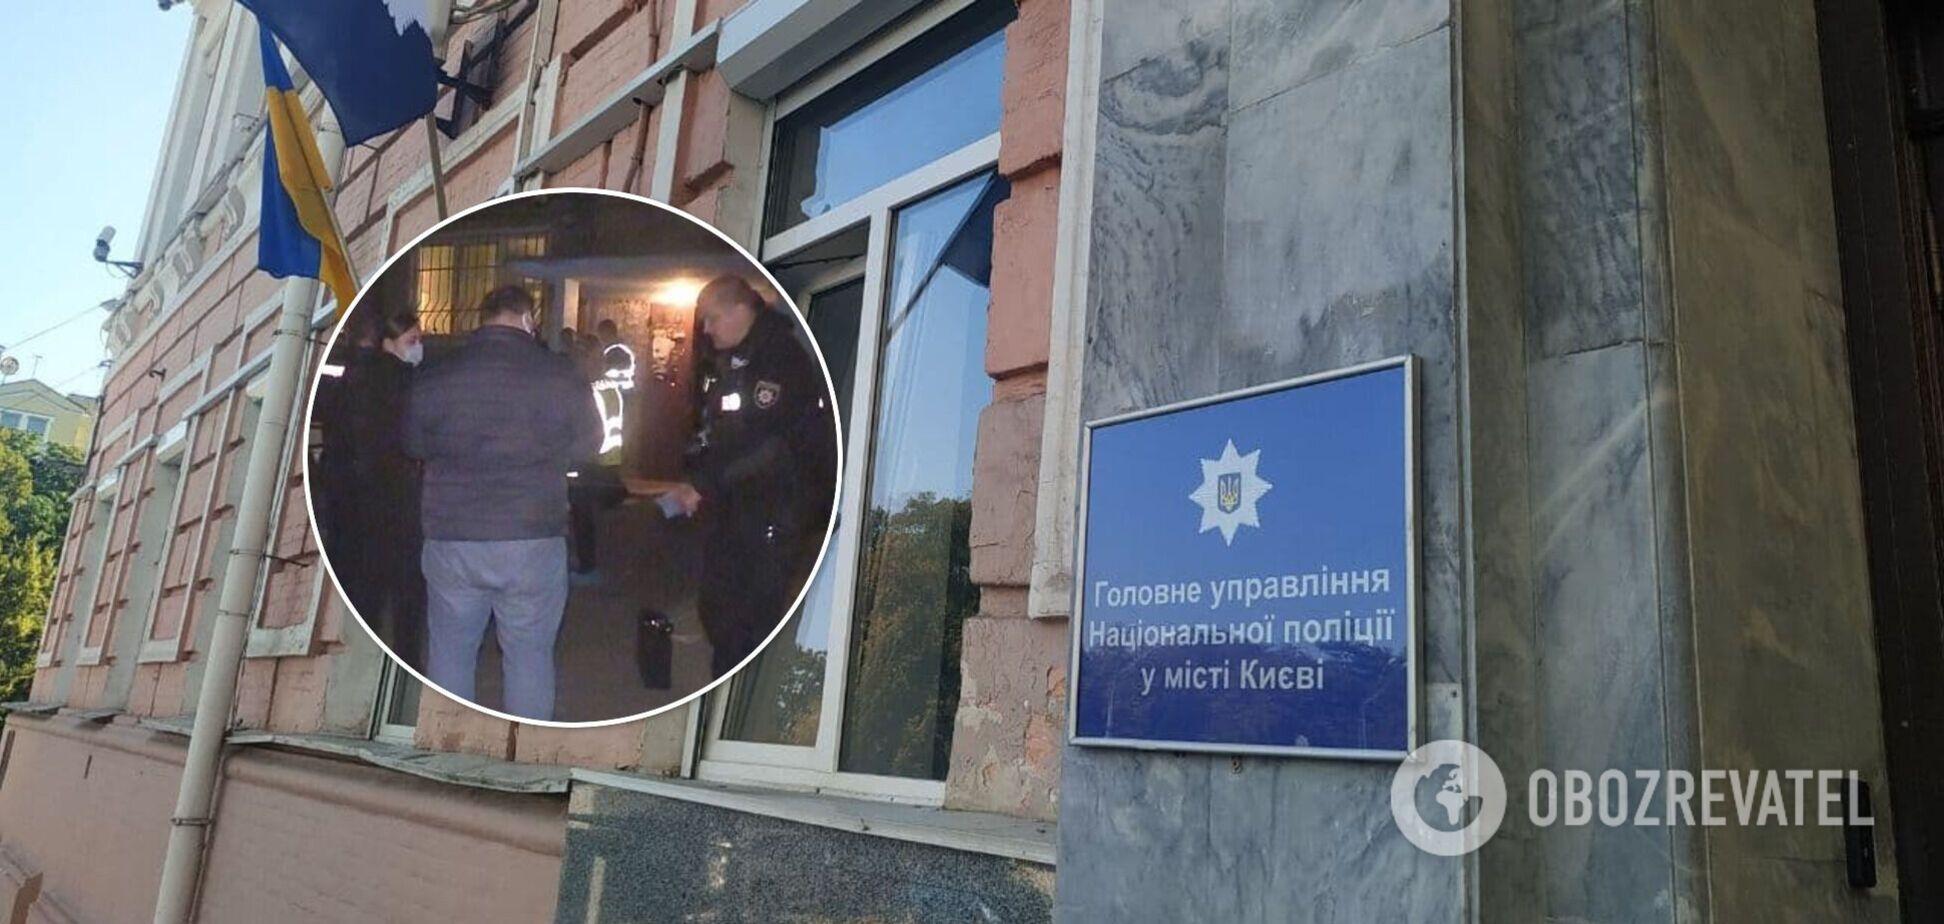 Інцидент стався в Дніпровському районі столиці